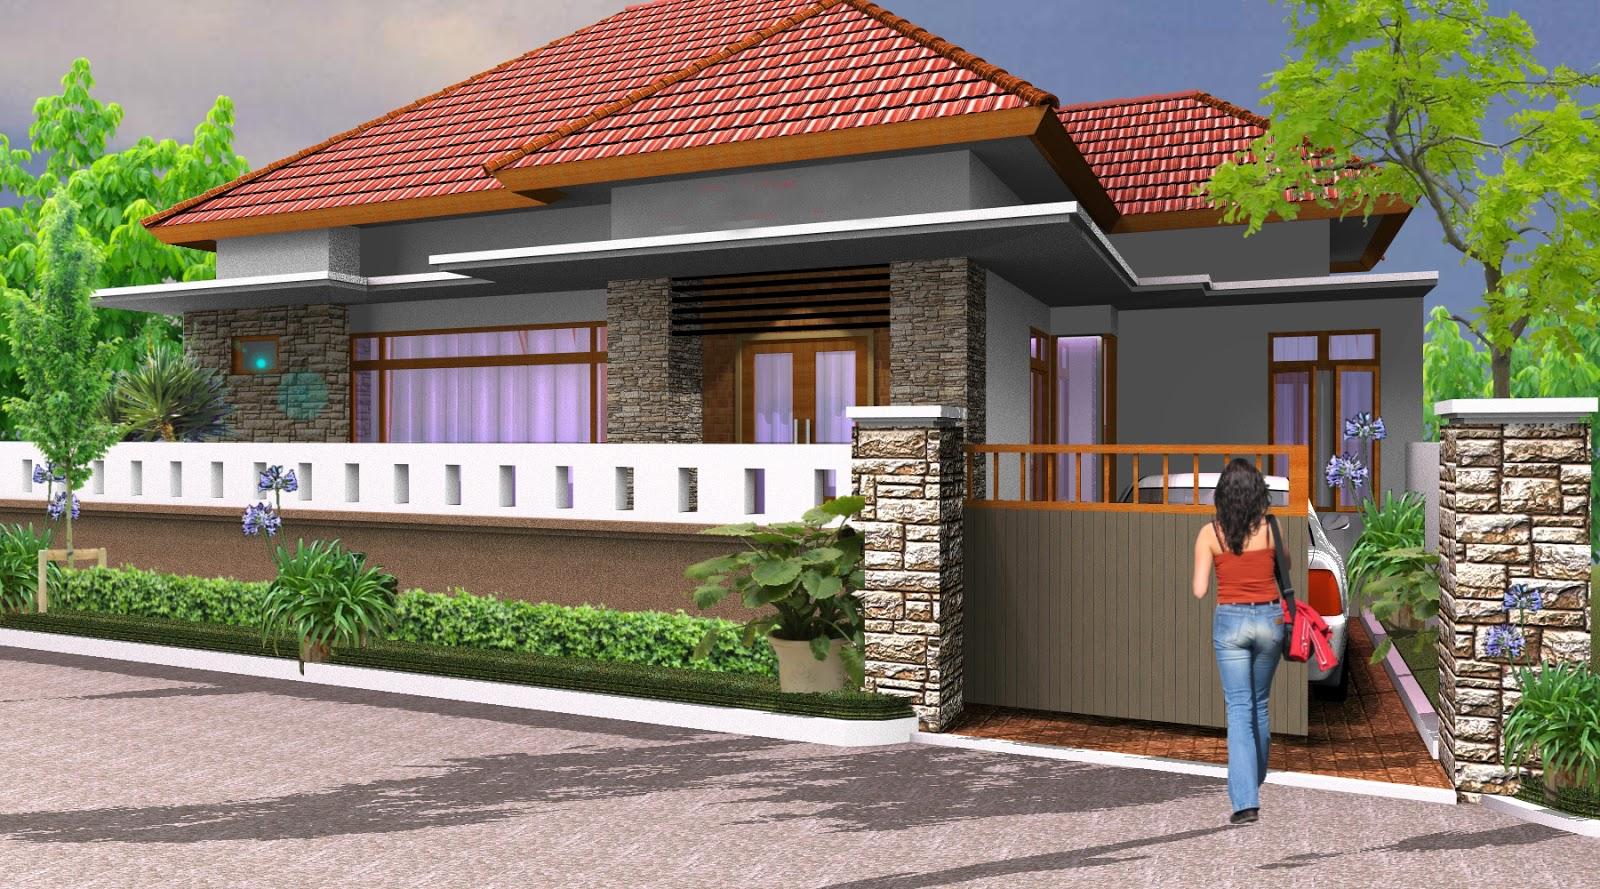 Gambar Pagar Rumah Halaman Sempit Desain Rumah